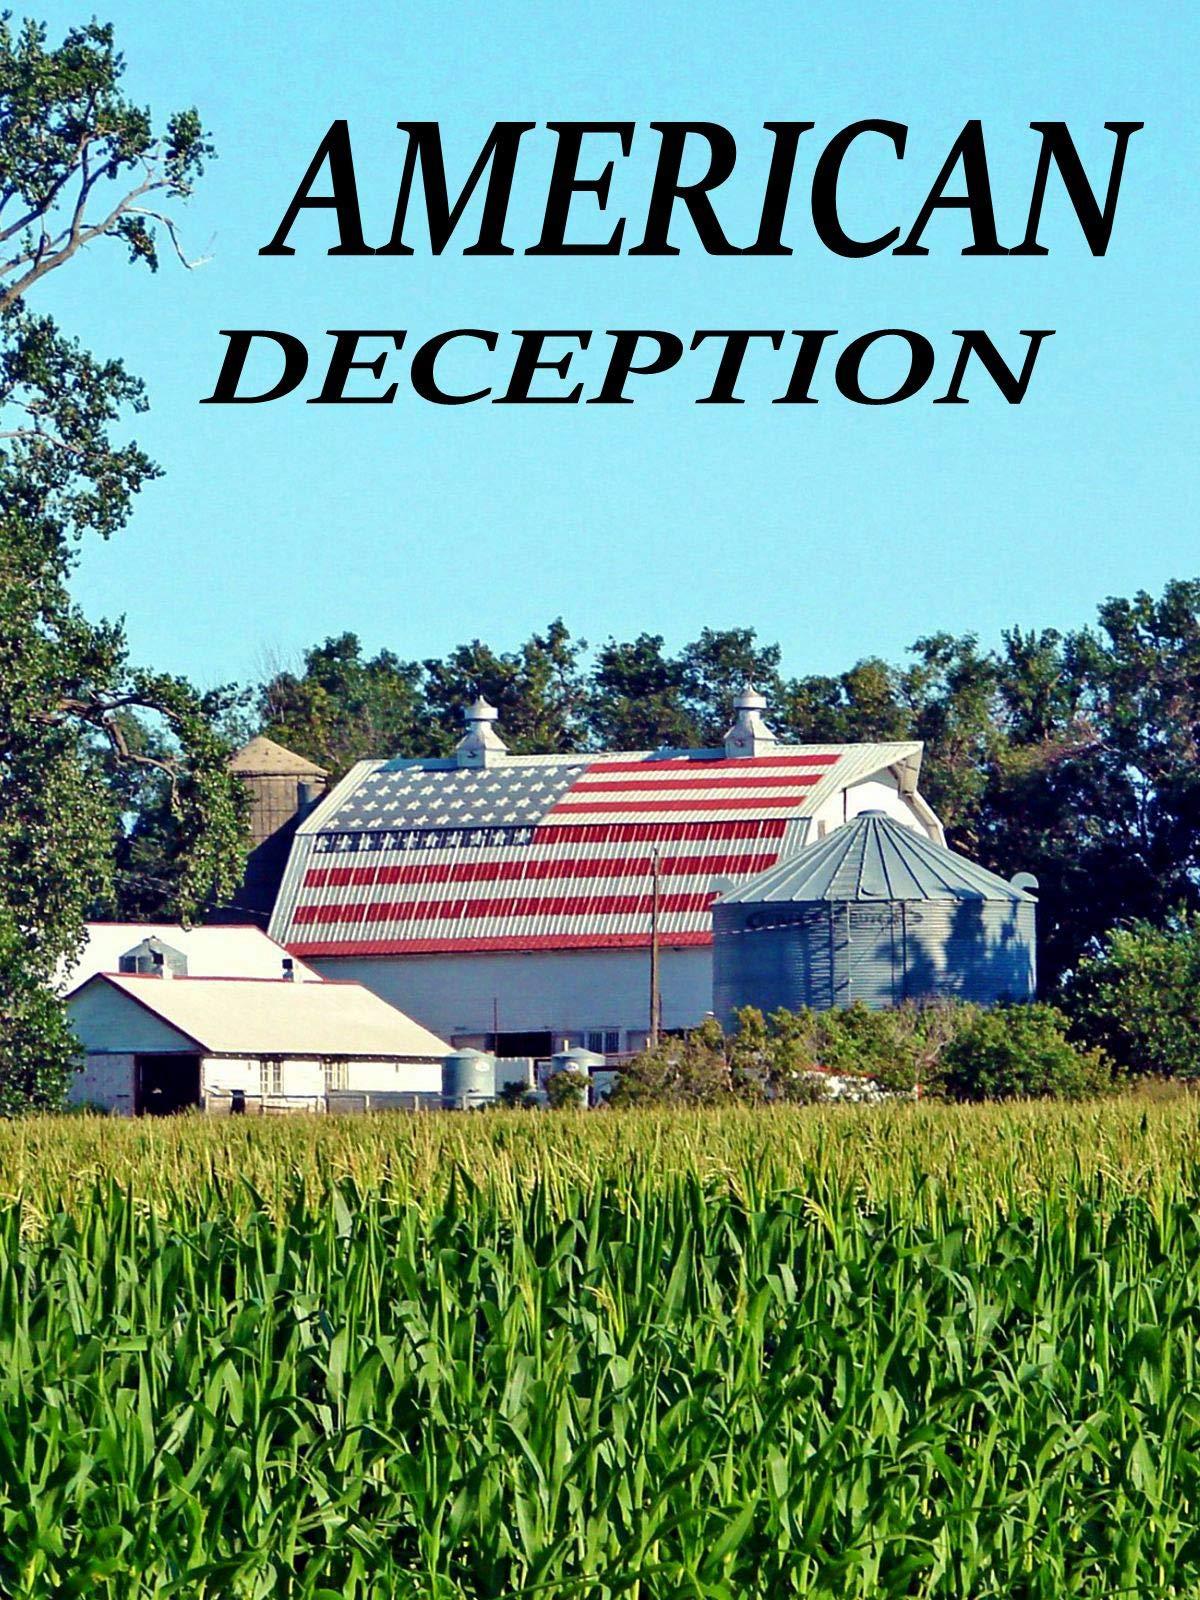 American Deception